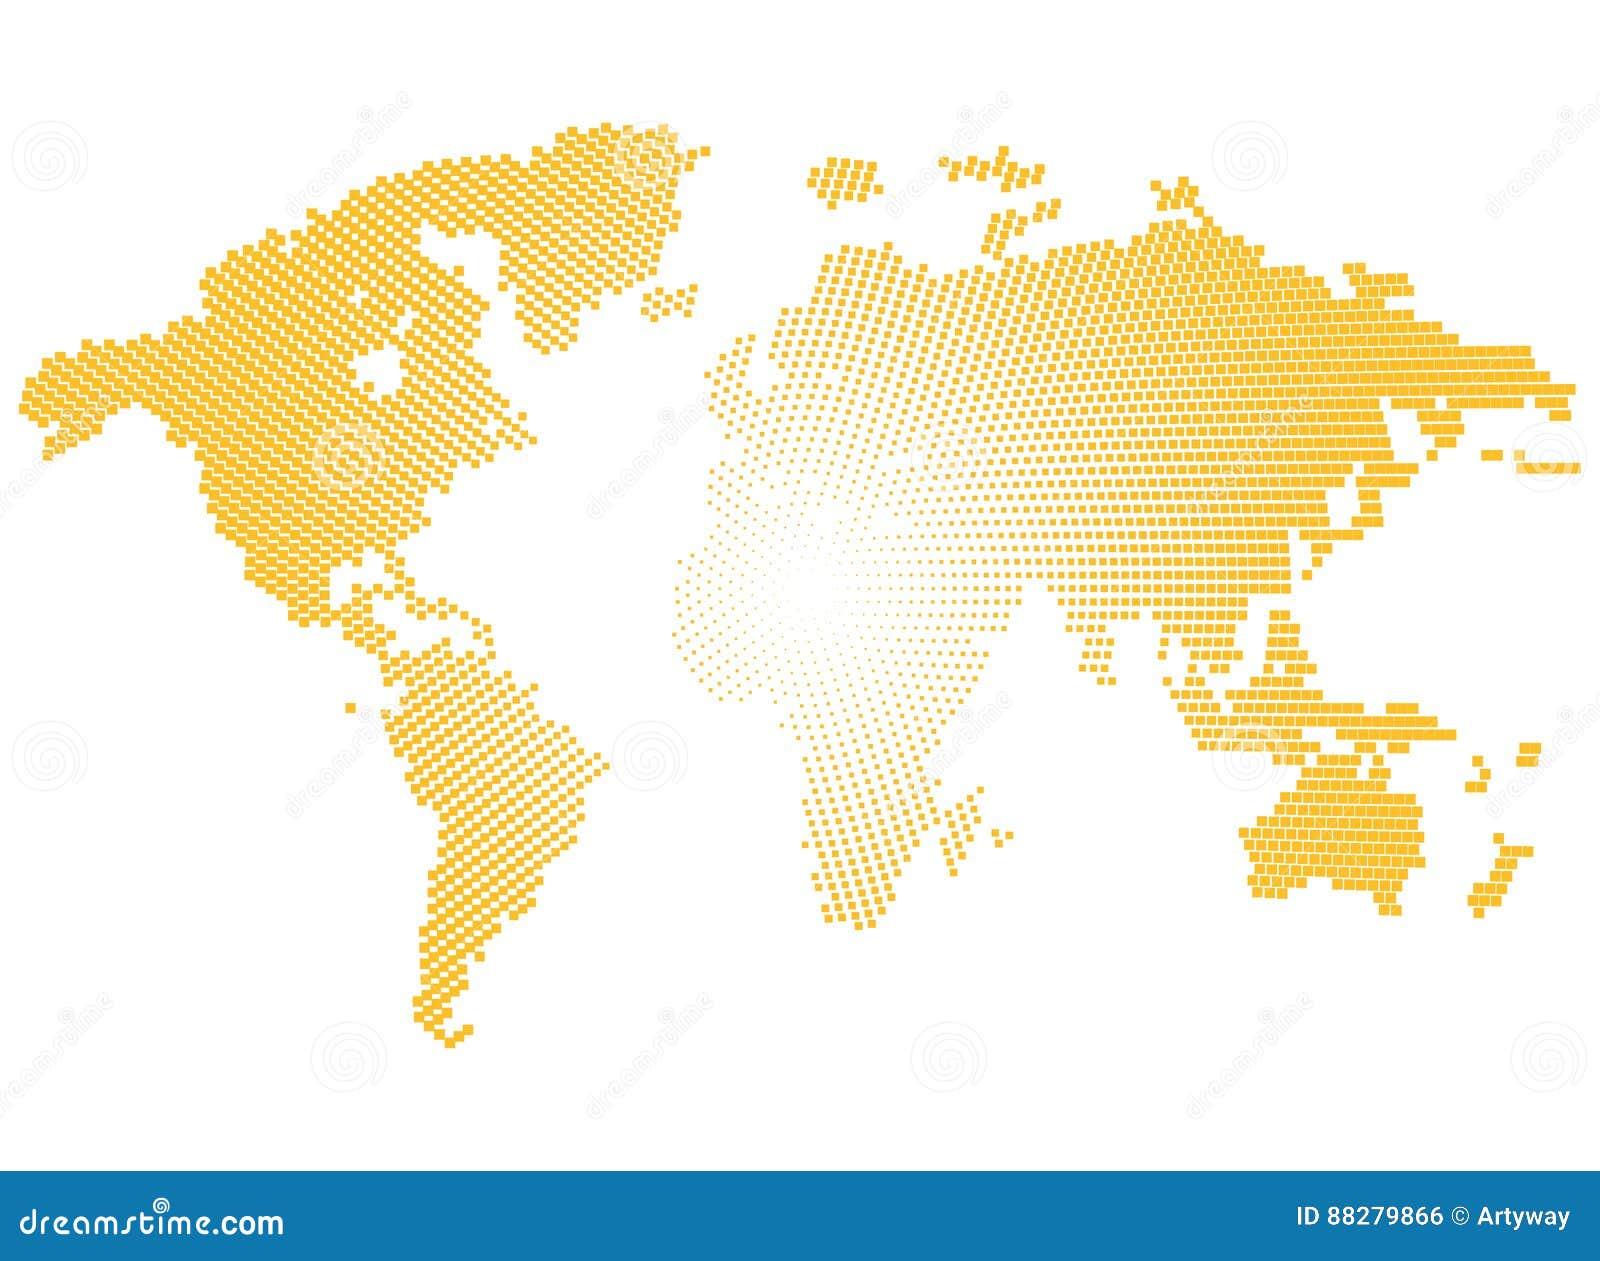 Geïsoleerde gele kleur worldmap van punten op witte achtergrond, aarde vectorillustratie